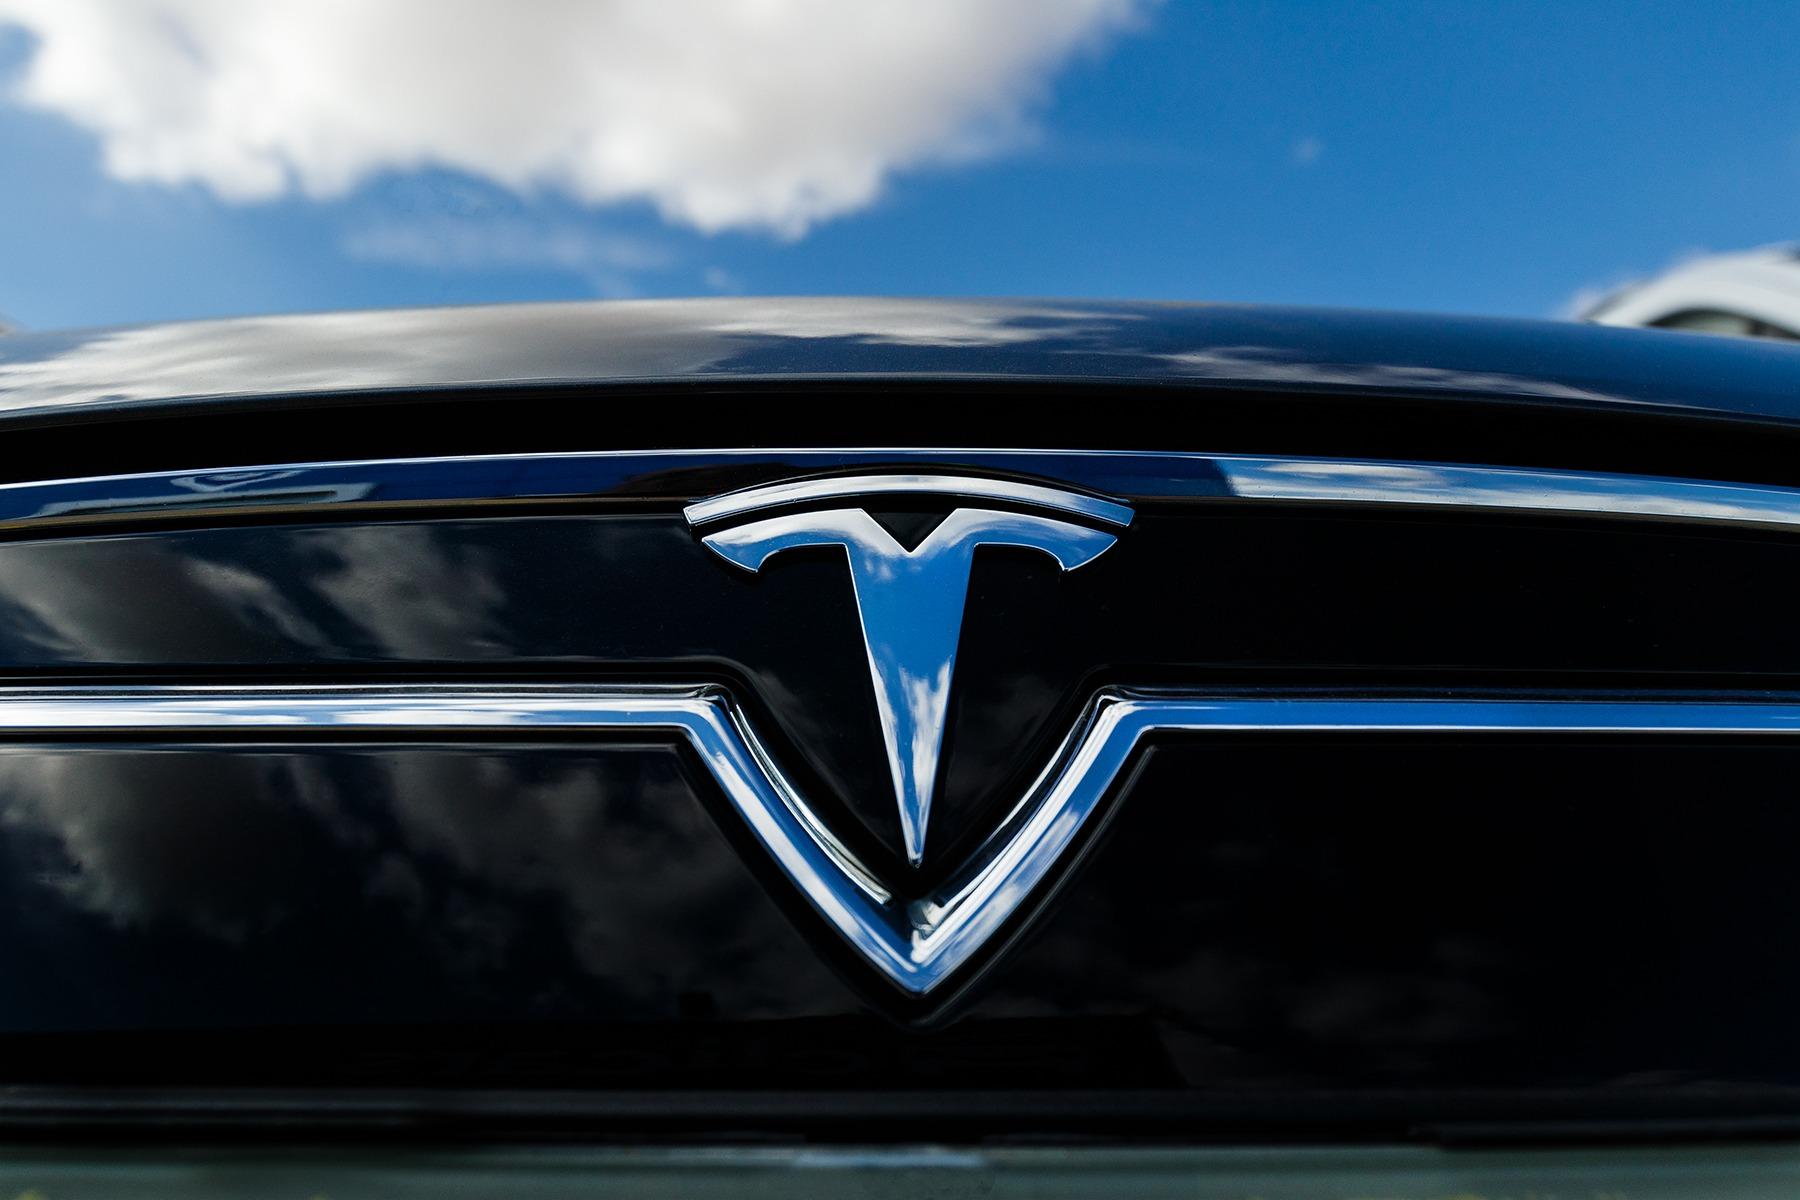 El 70% de los españoles considera que será necesario en un futuro utilizar únicamente coches eléctricos o híbridos